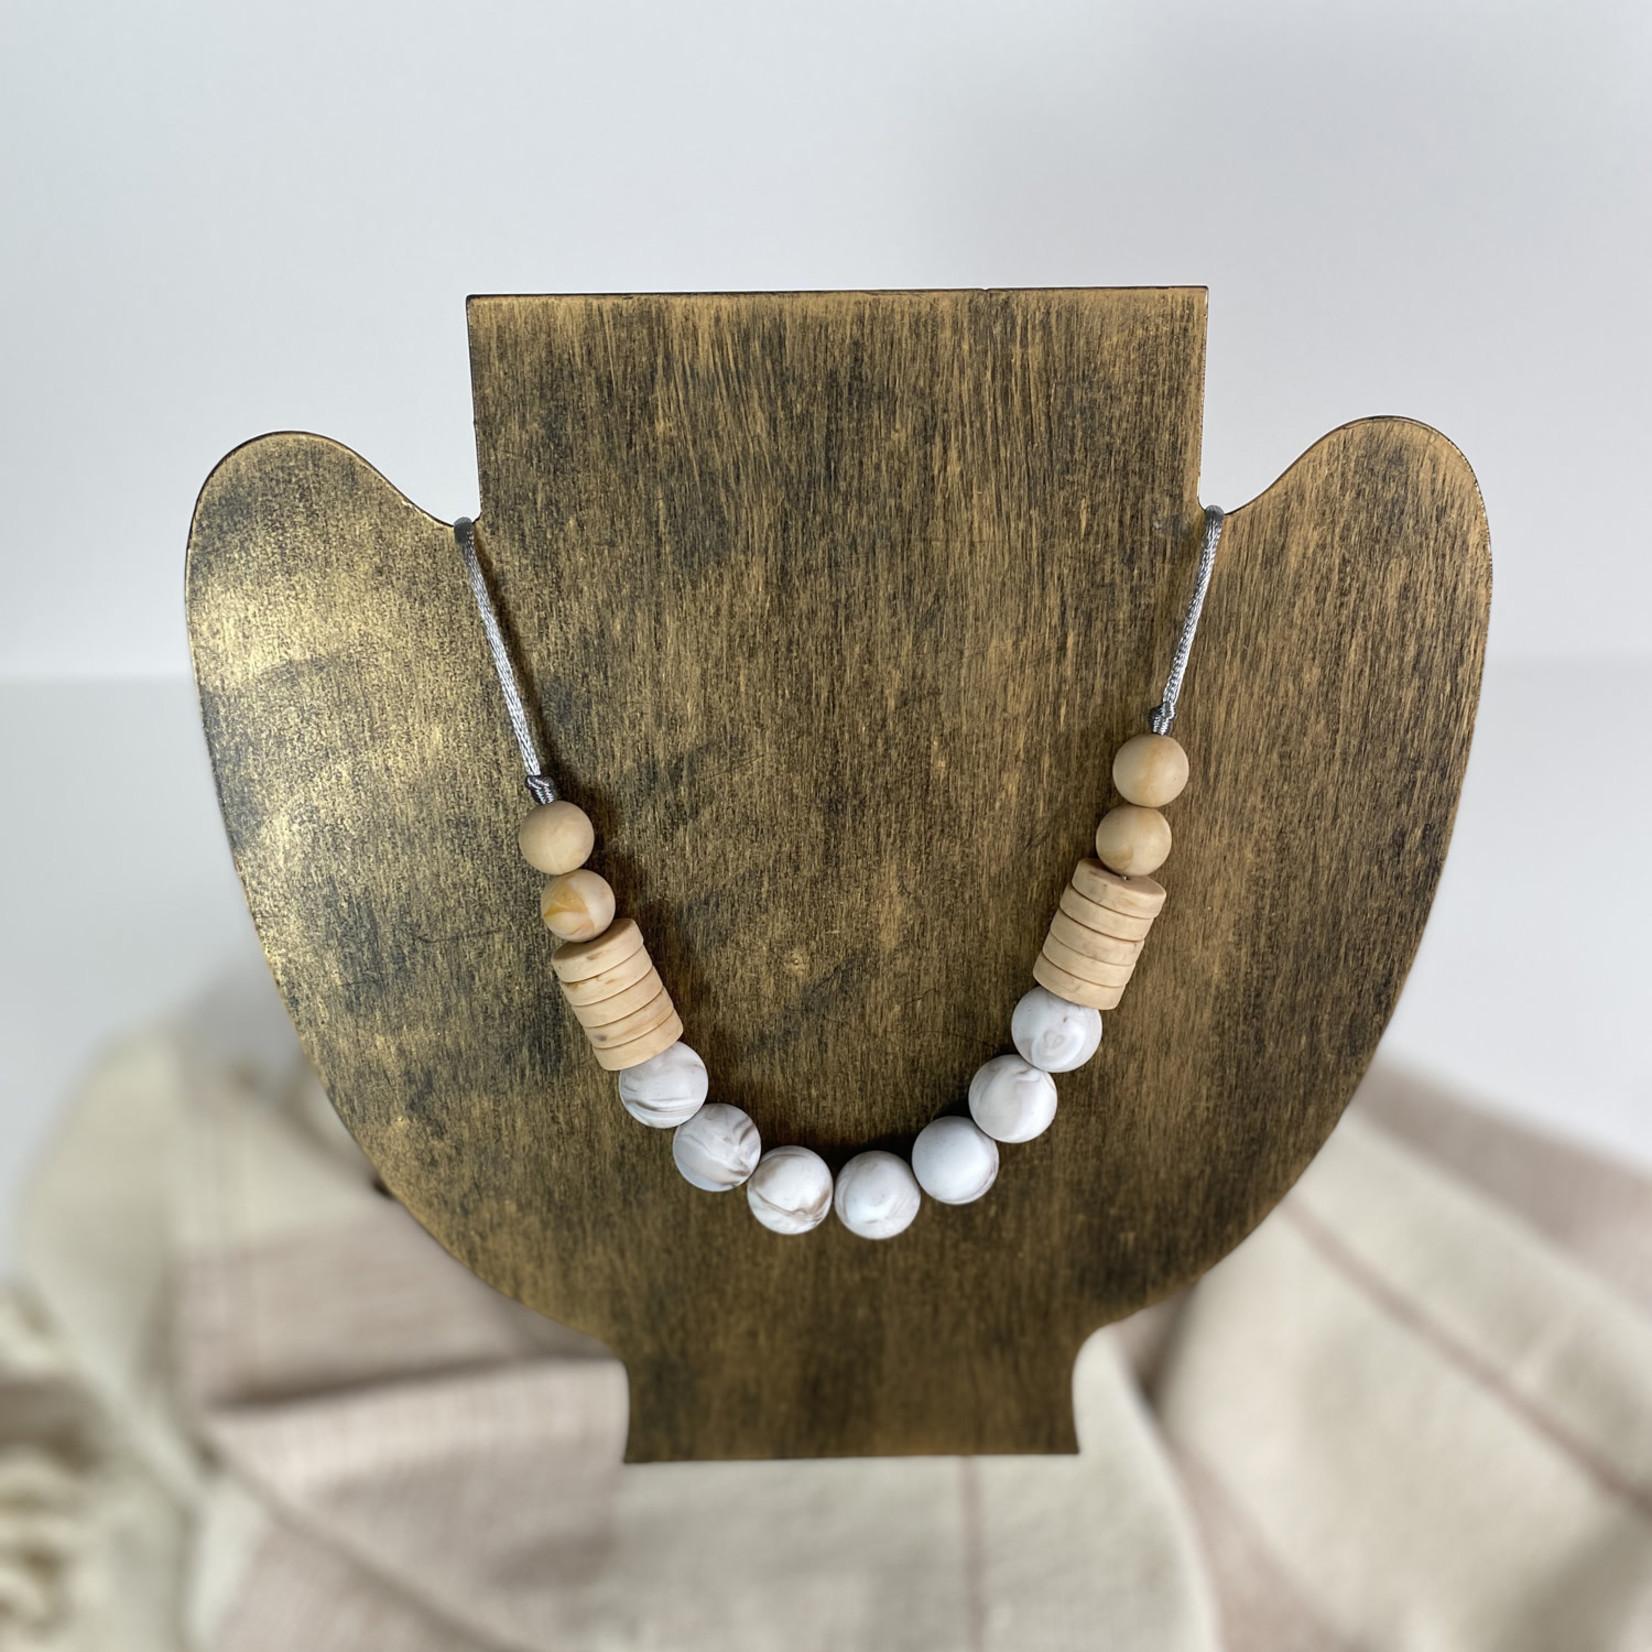 Bella Tunno Bella Tunno Teether Necklace